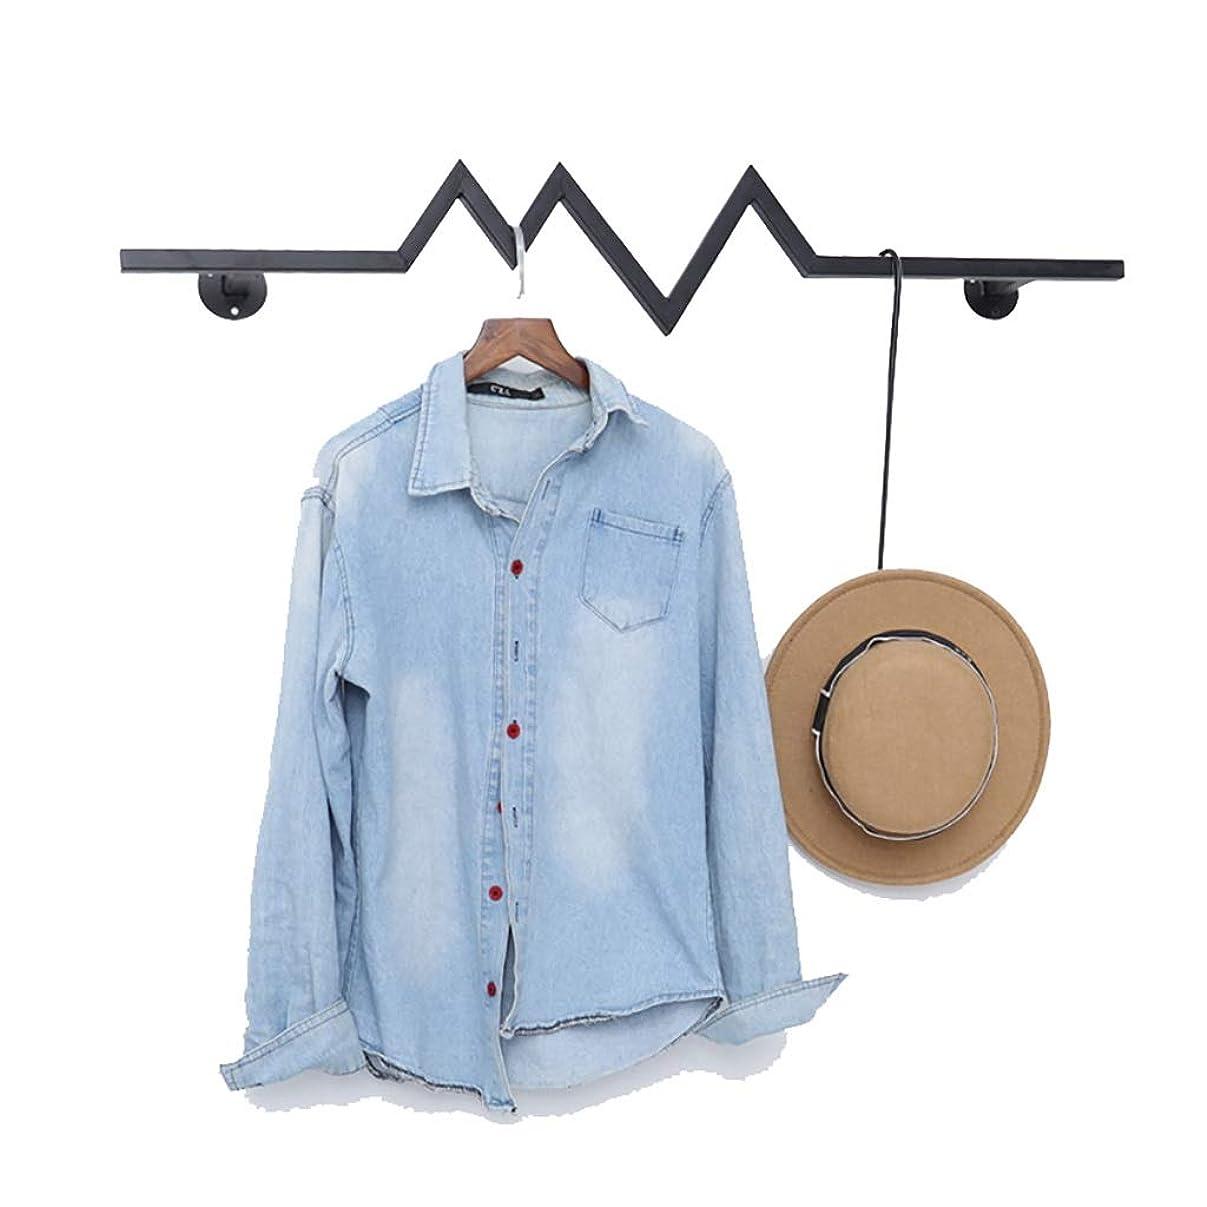 可能性ショットガロンロッド、ウォールガーメントラックハンギング黒服は、商業服は服店-100/120センチメートル用ロッド、ハンガーストレージラックを表示します (Size : 120cm)